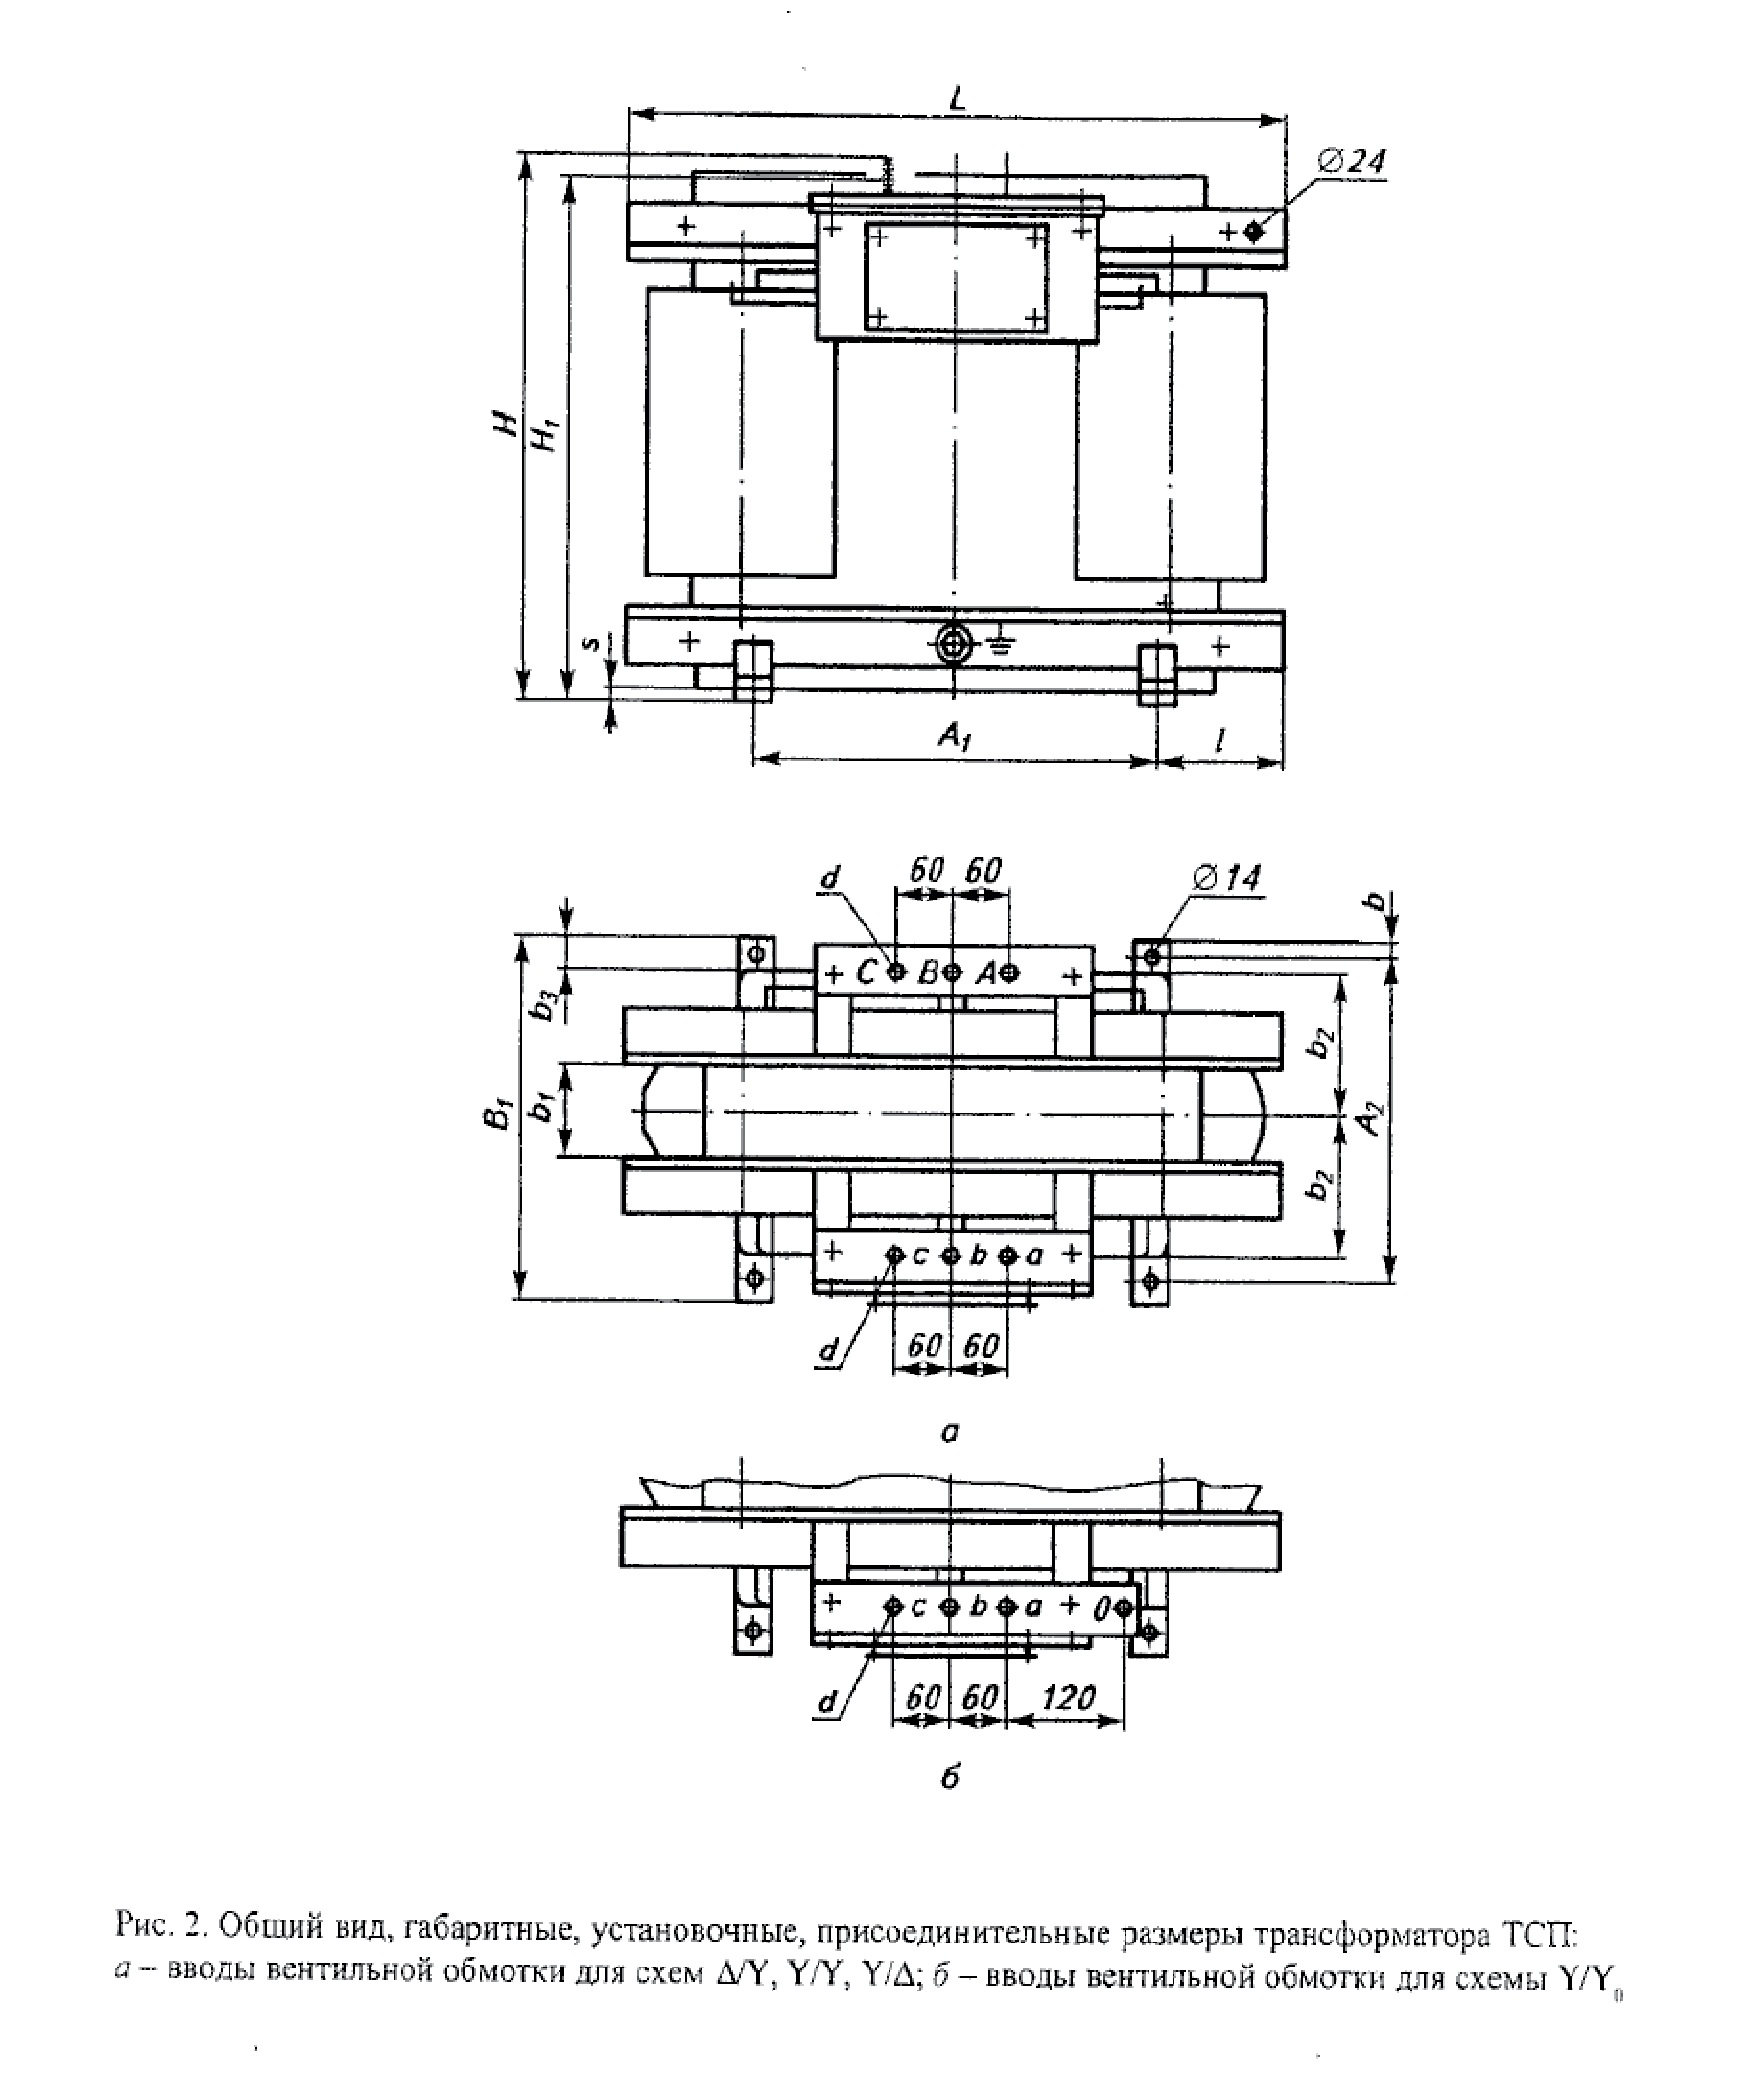 Сухой трехфазный трансформатор ТСП